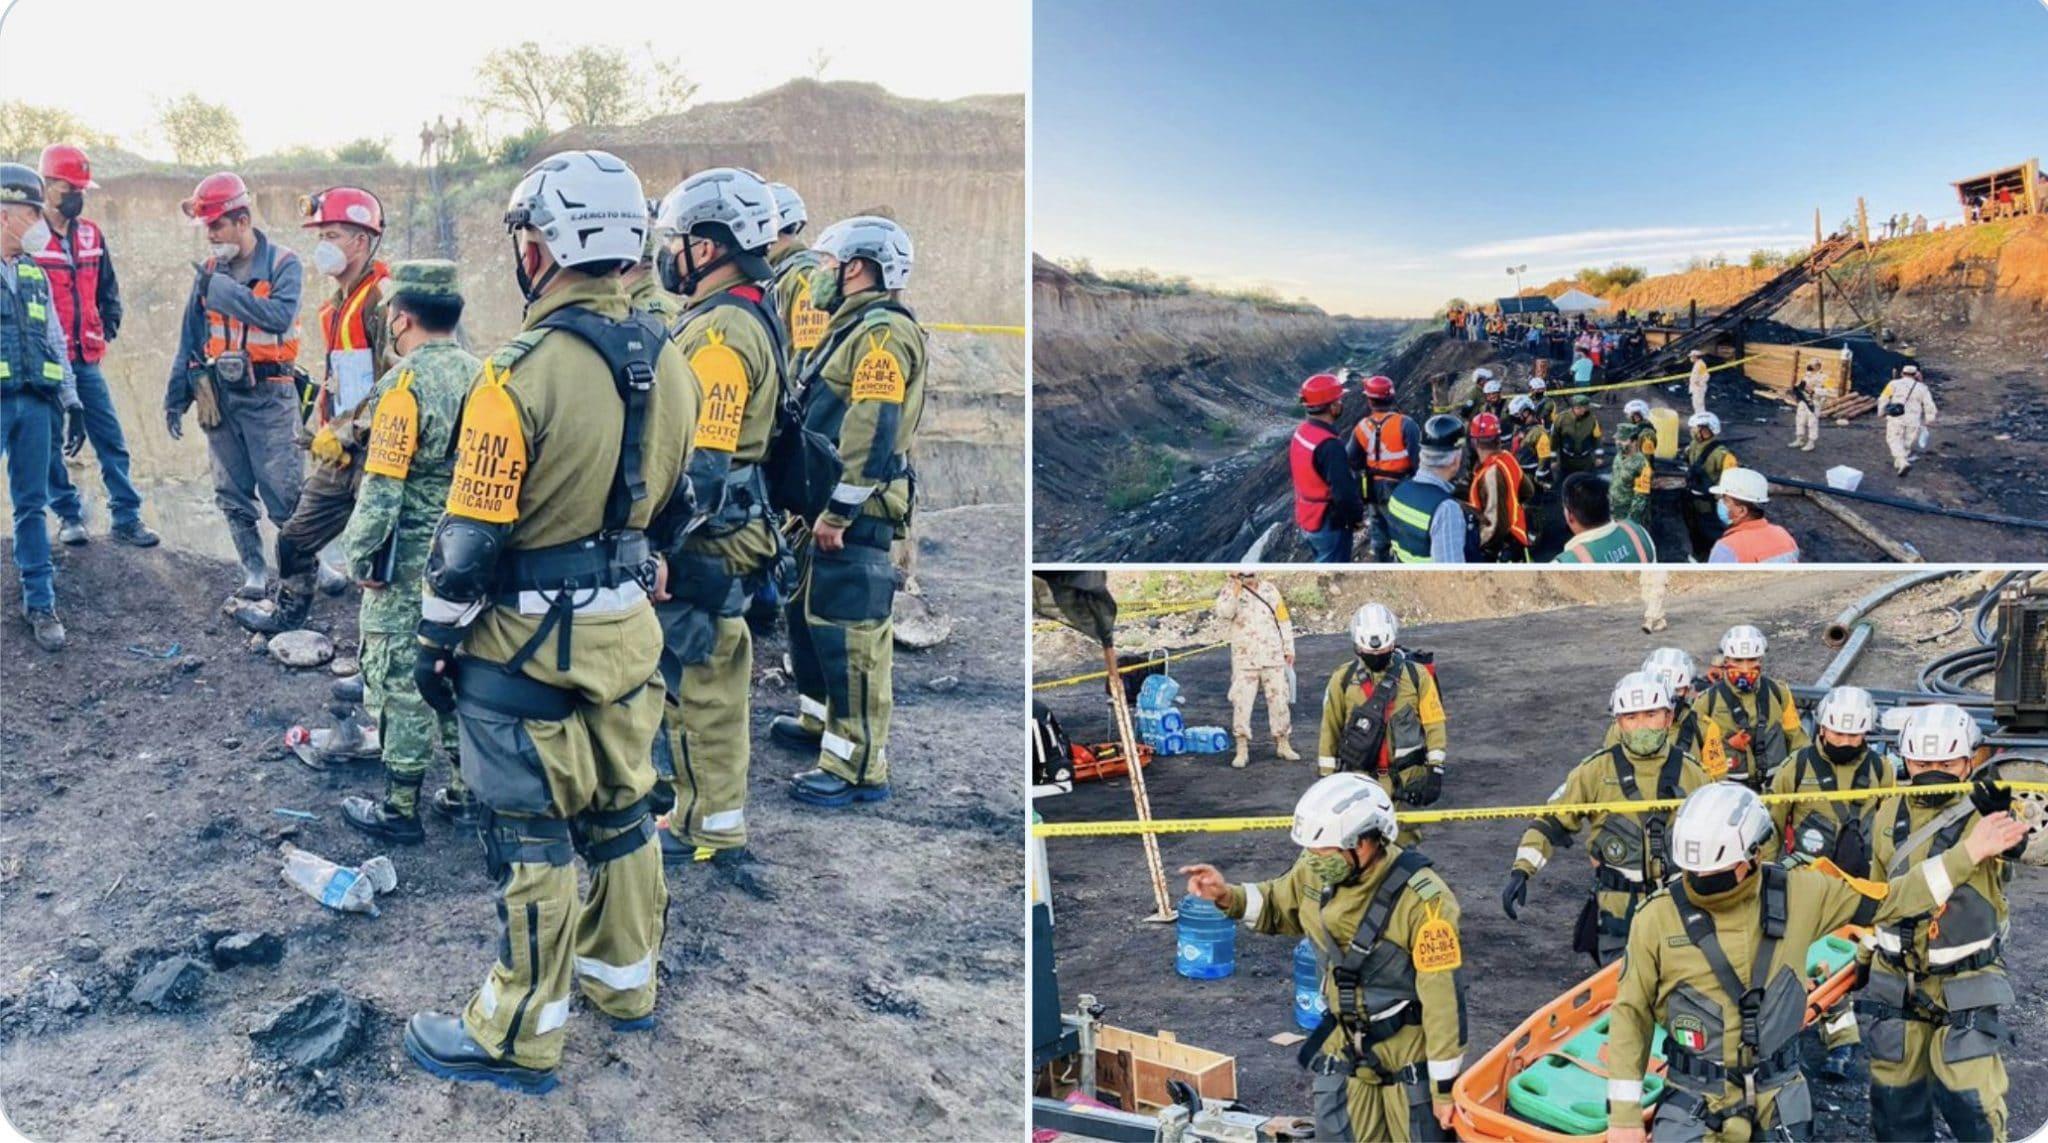 continuan-labores-de-rescate-de-mineros-atrapados-en-coahuila